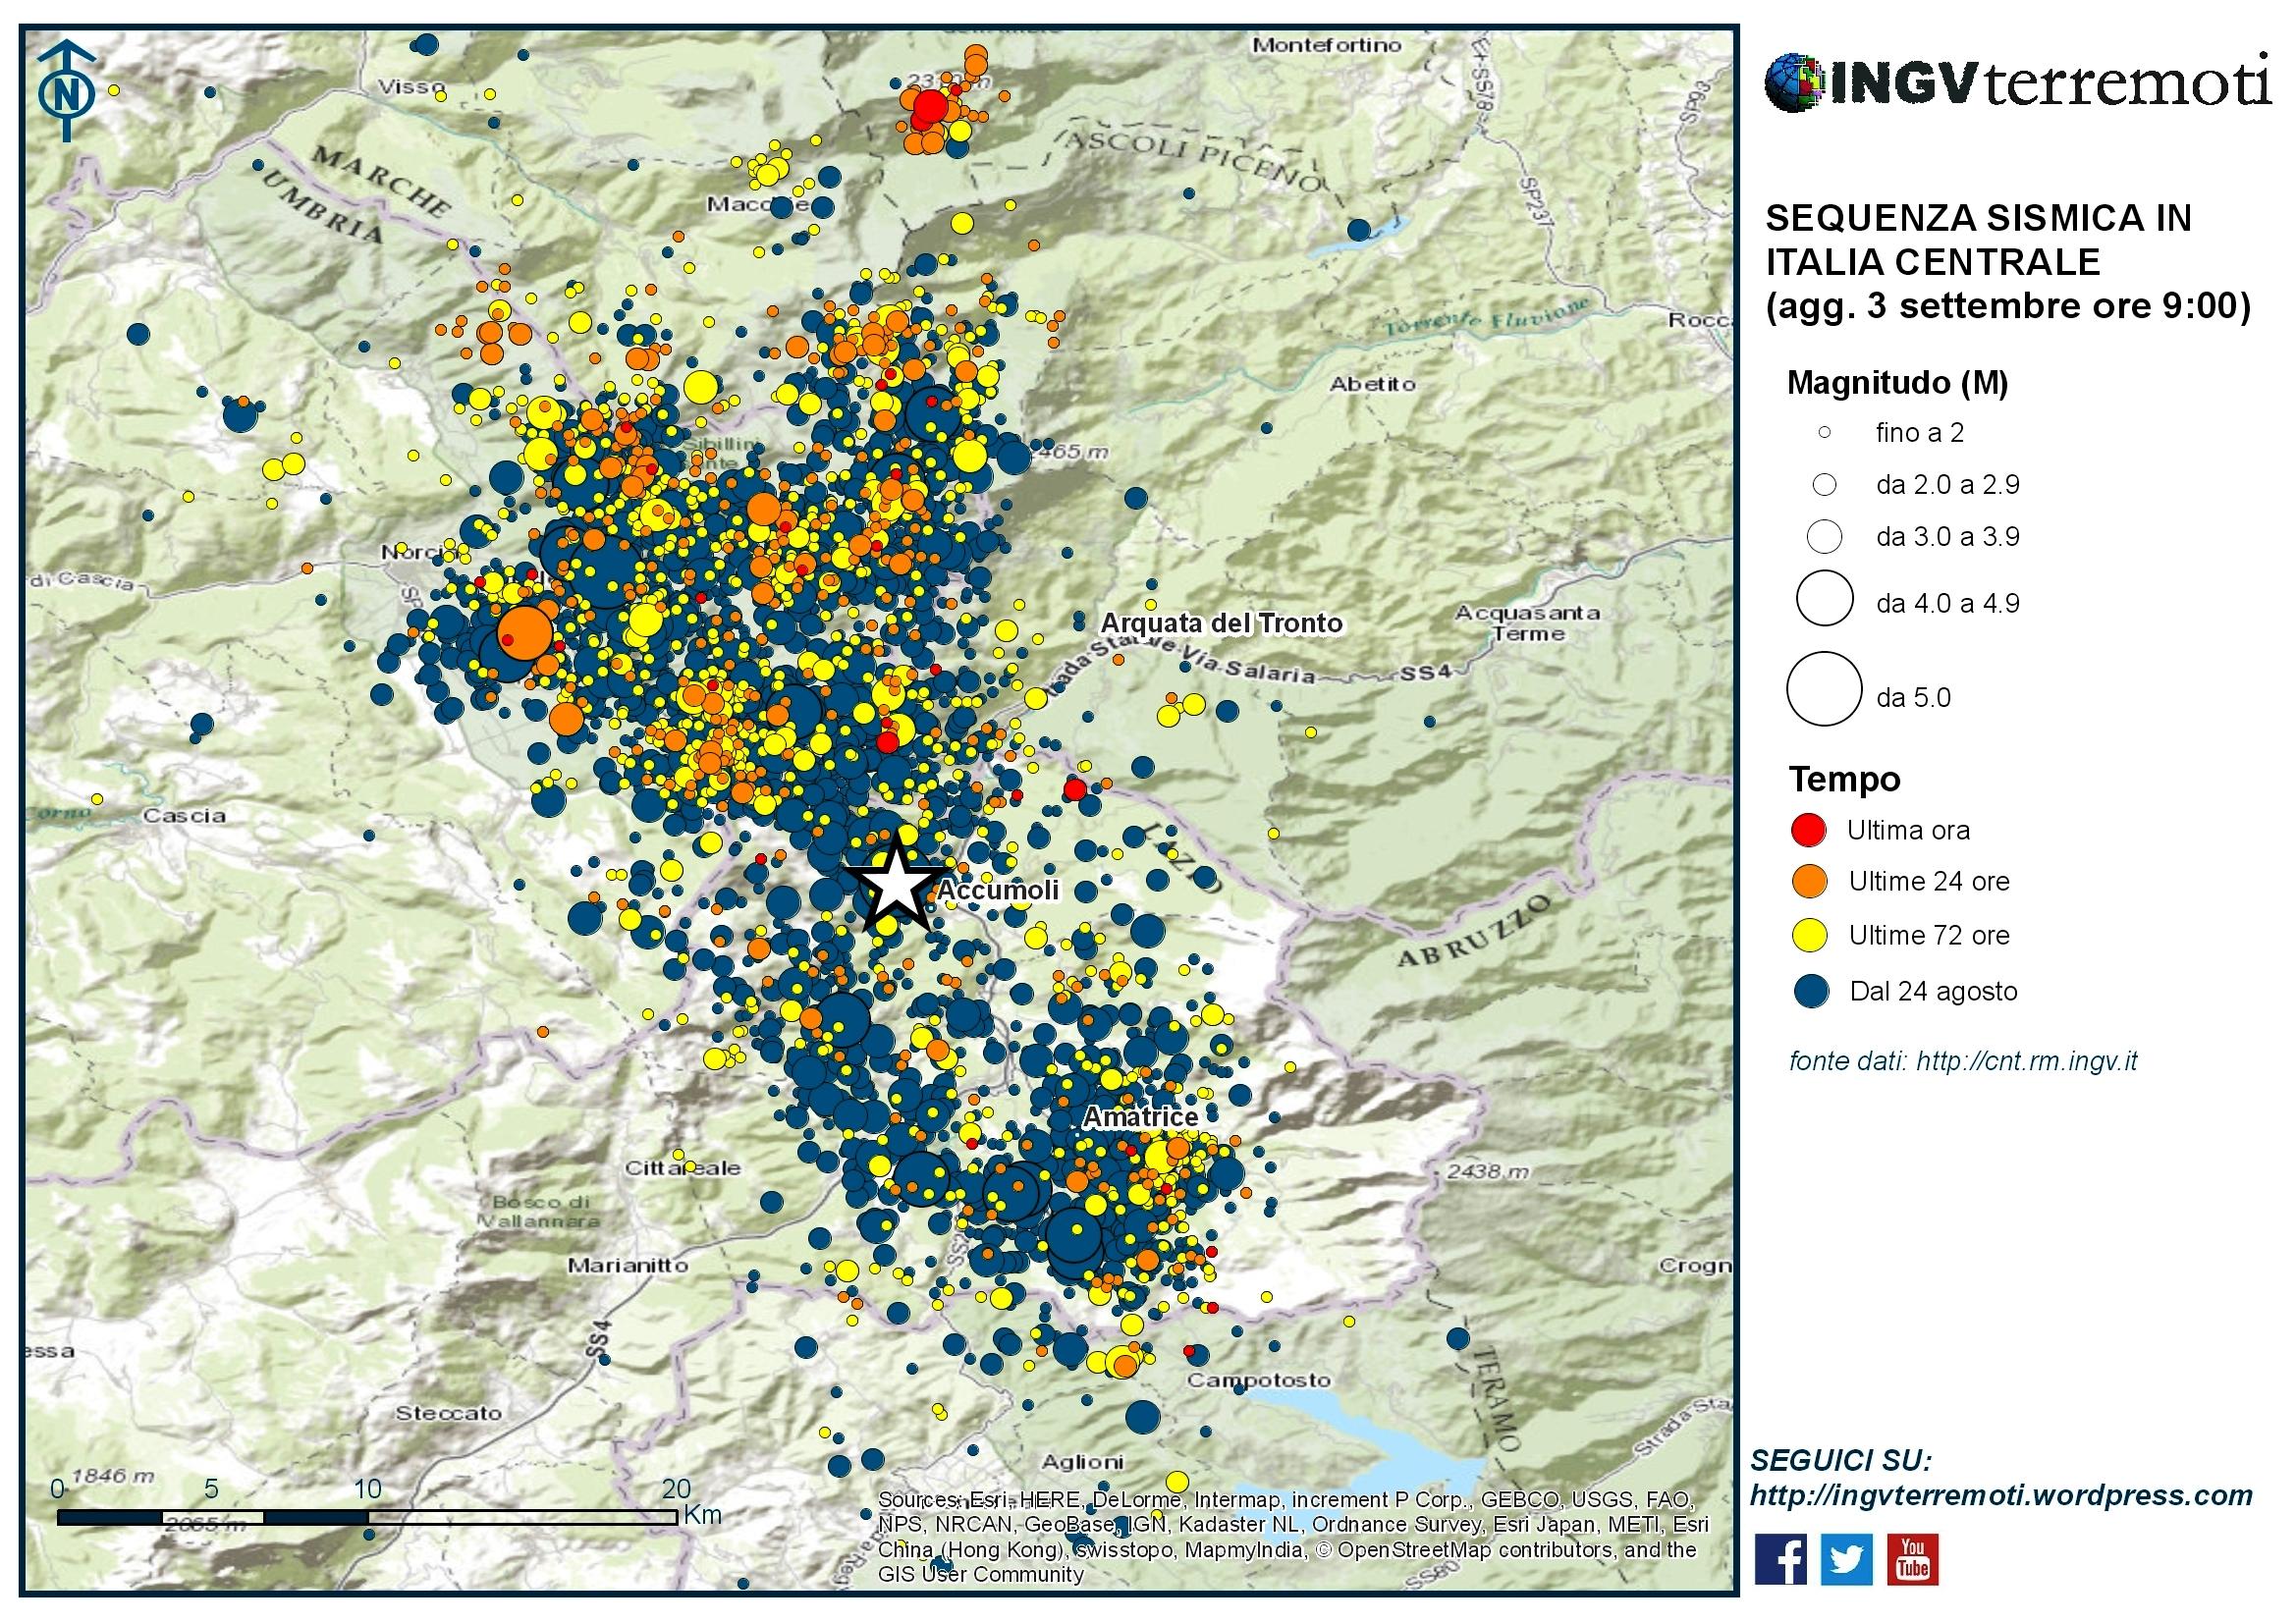 Sequenza sismica in Italia centrale: aggiornamento 3 settembre, ore 9:00